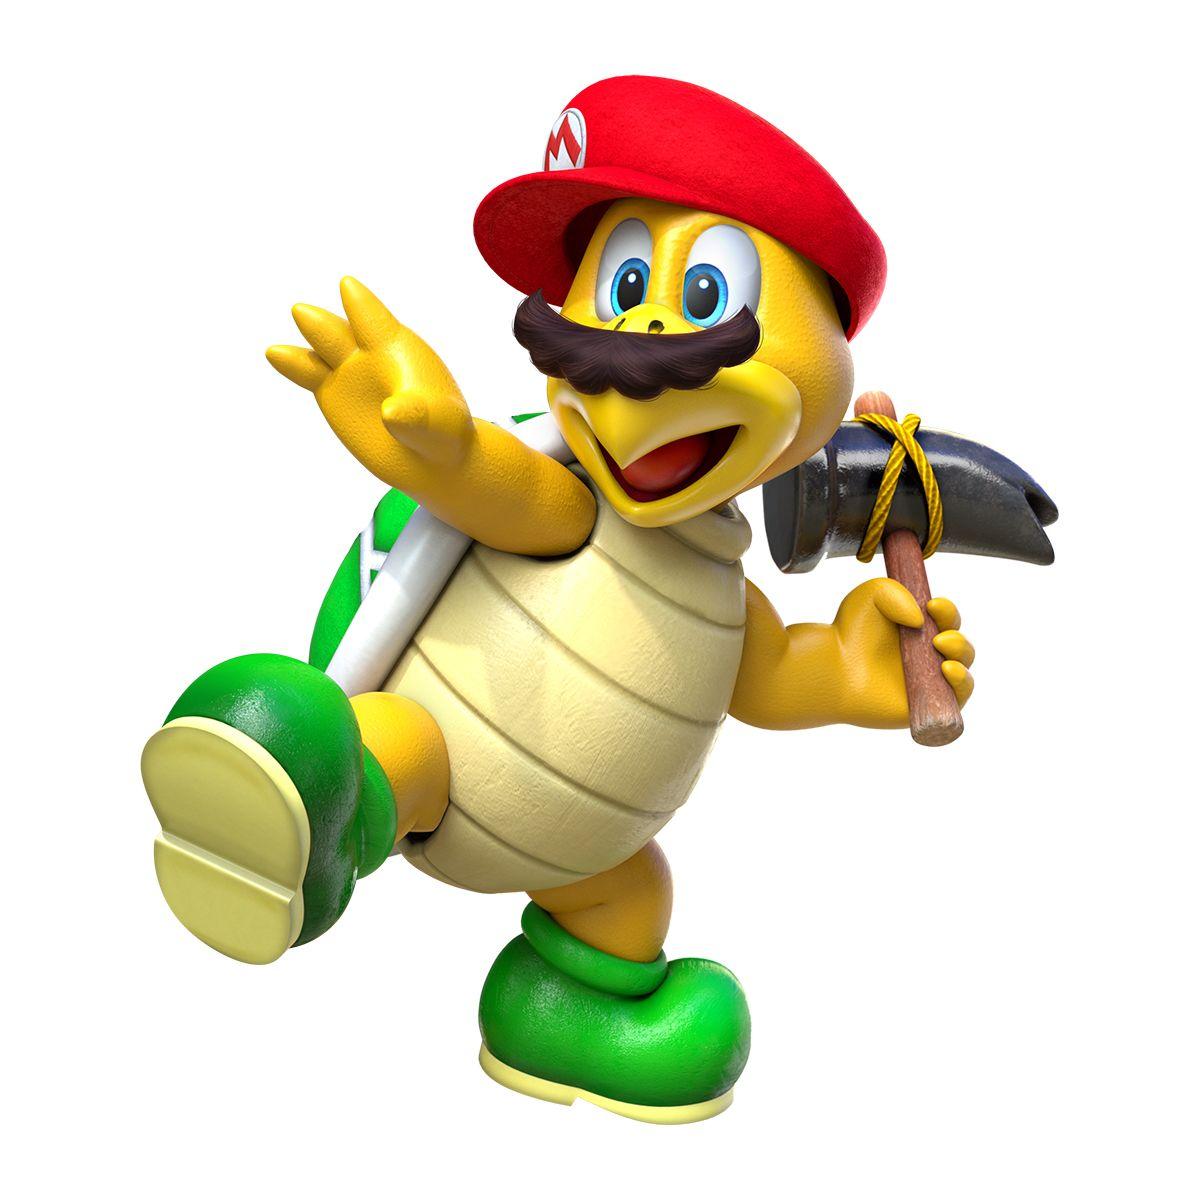 Mario S Next Big Adventure Super Mario Odyssey Super Mario Art